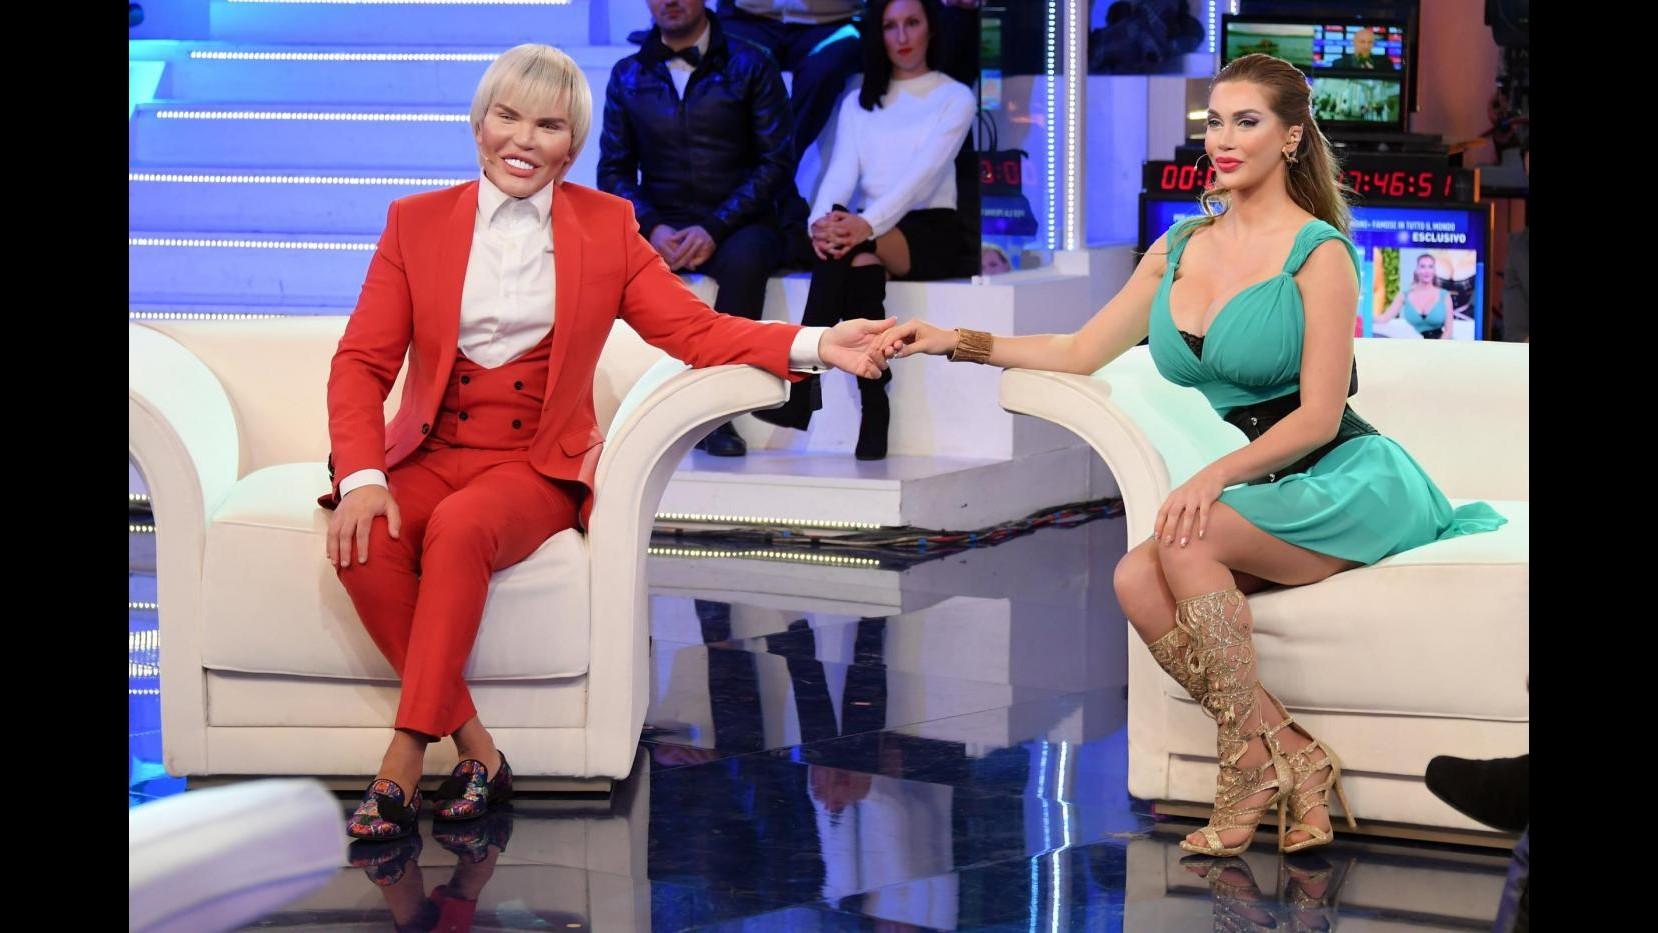 Domenica Live, Barbie e Ken umani insieme in tv per la prima volta